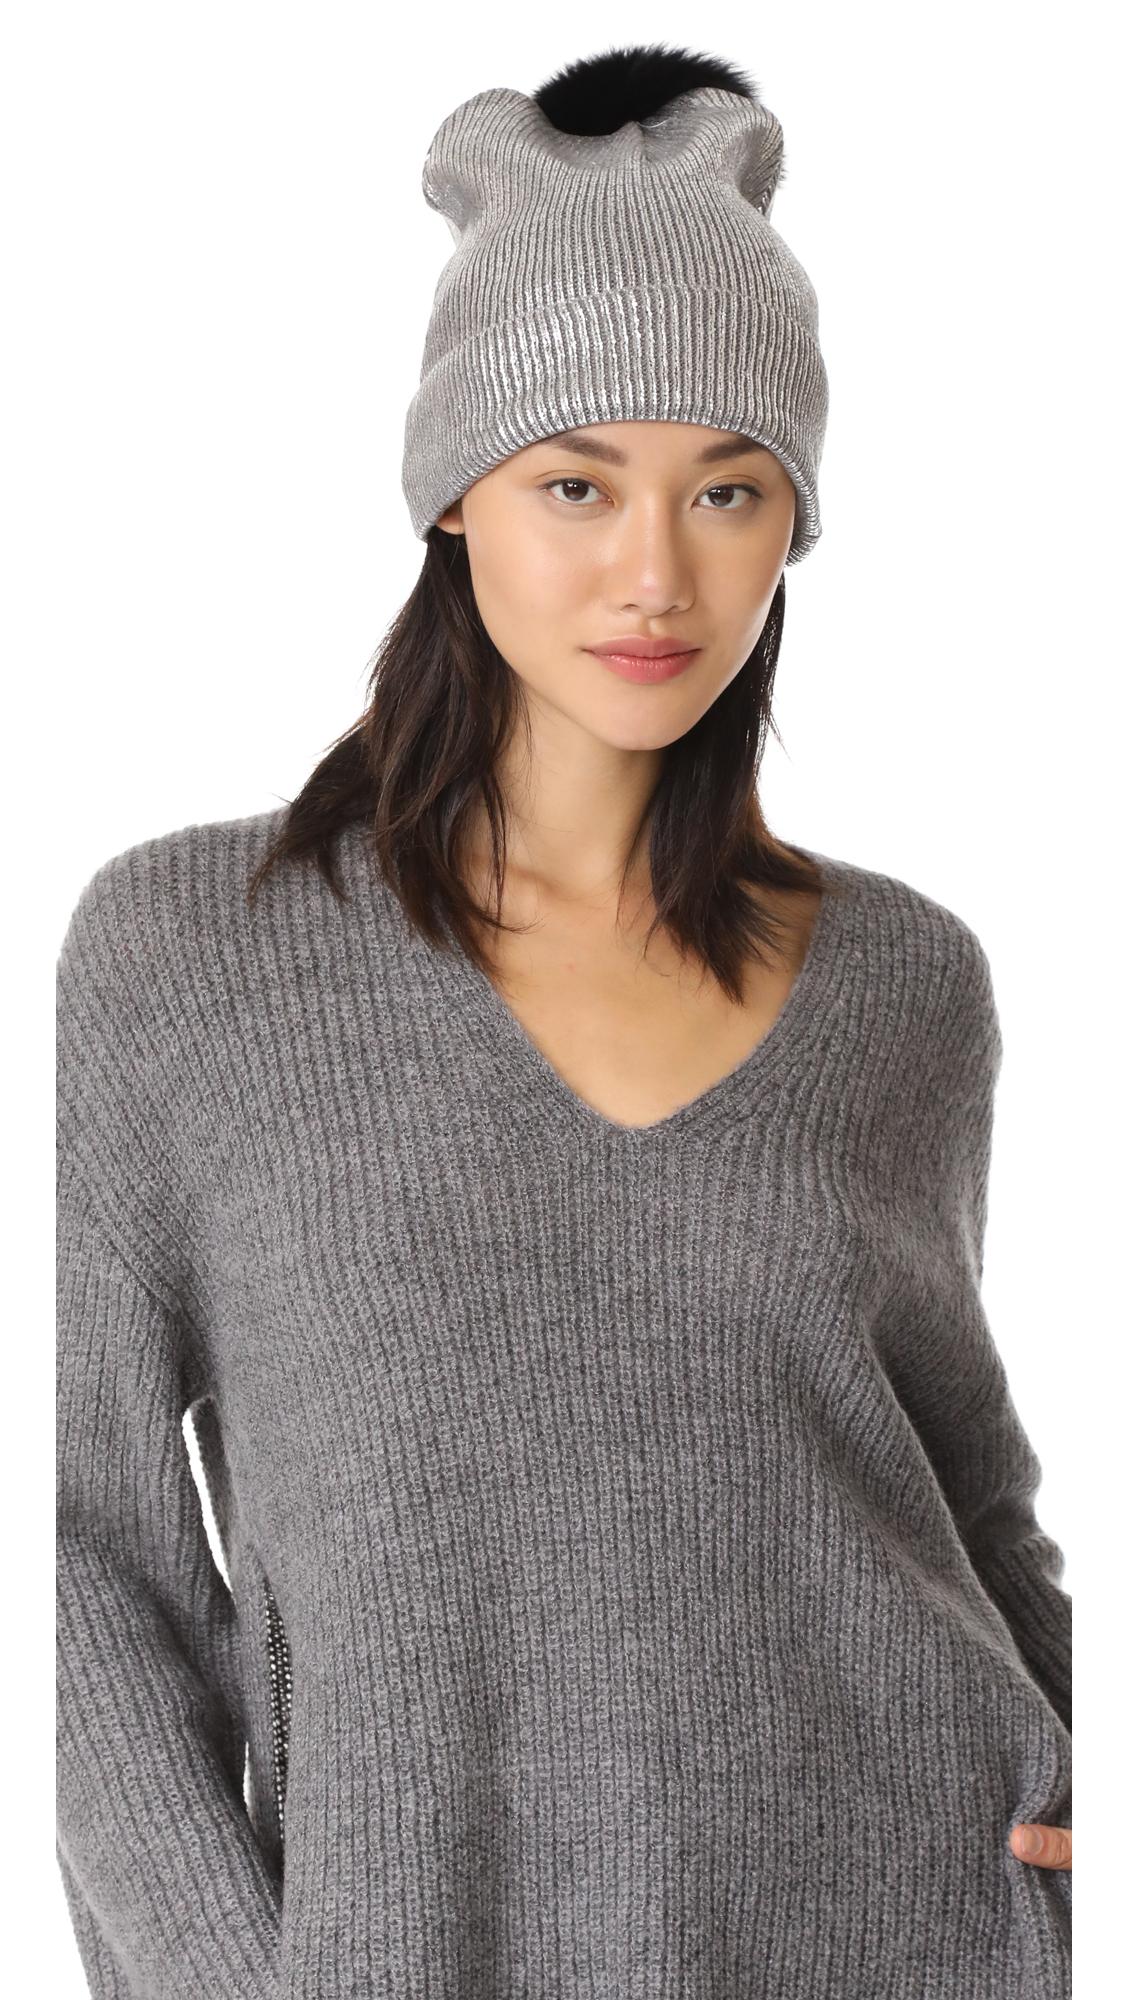 Jocelyn Metallic Beanie Pom Hat - Silver